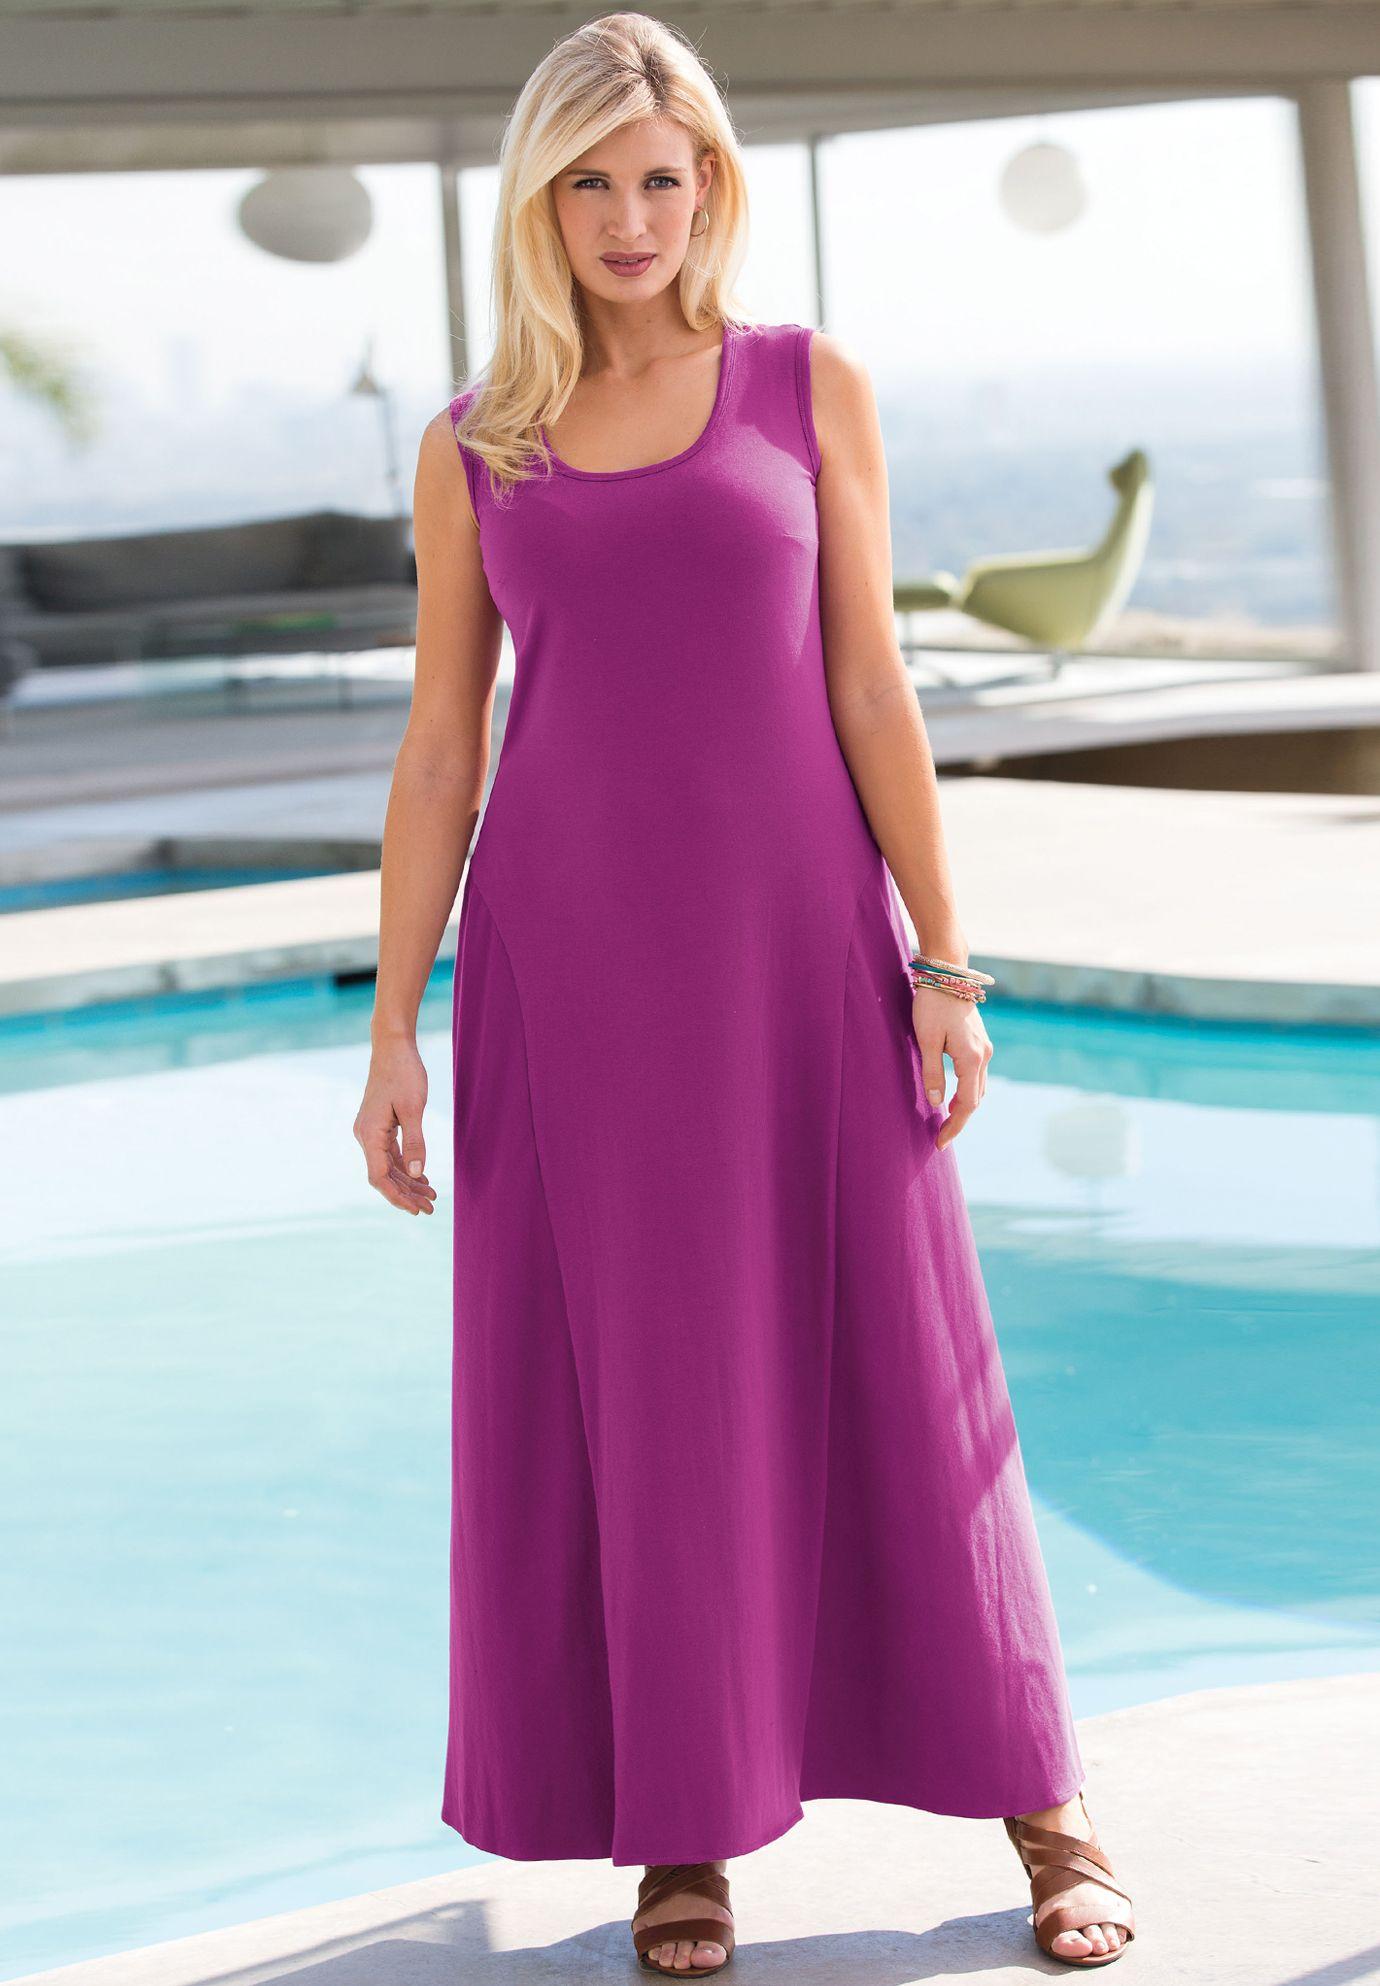 Maxi Tank Dress   Plus Size Petites   Jessica London - This tank ...